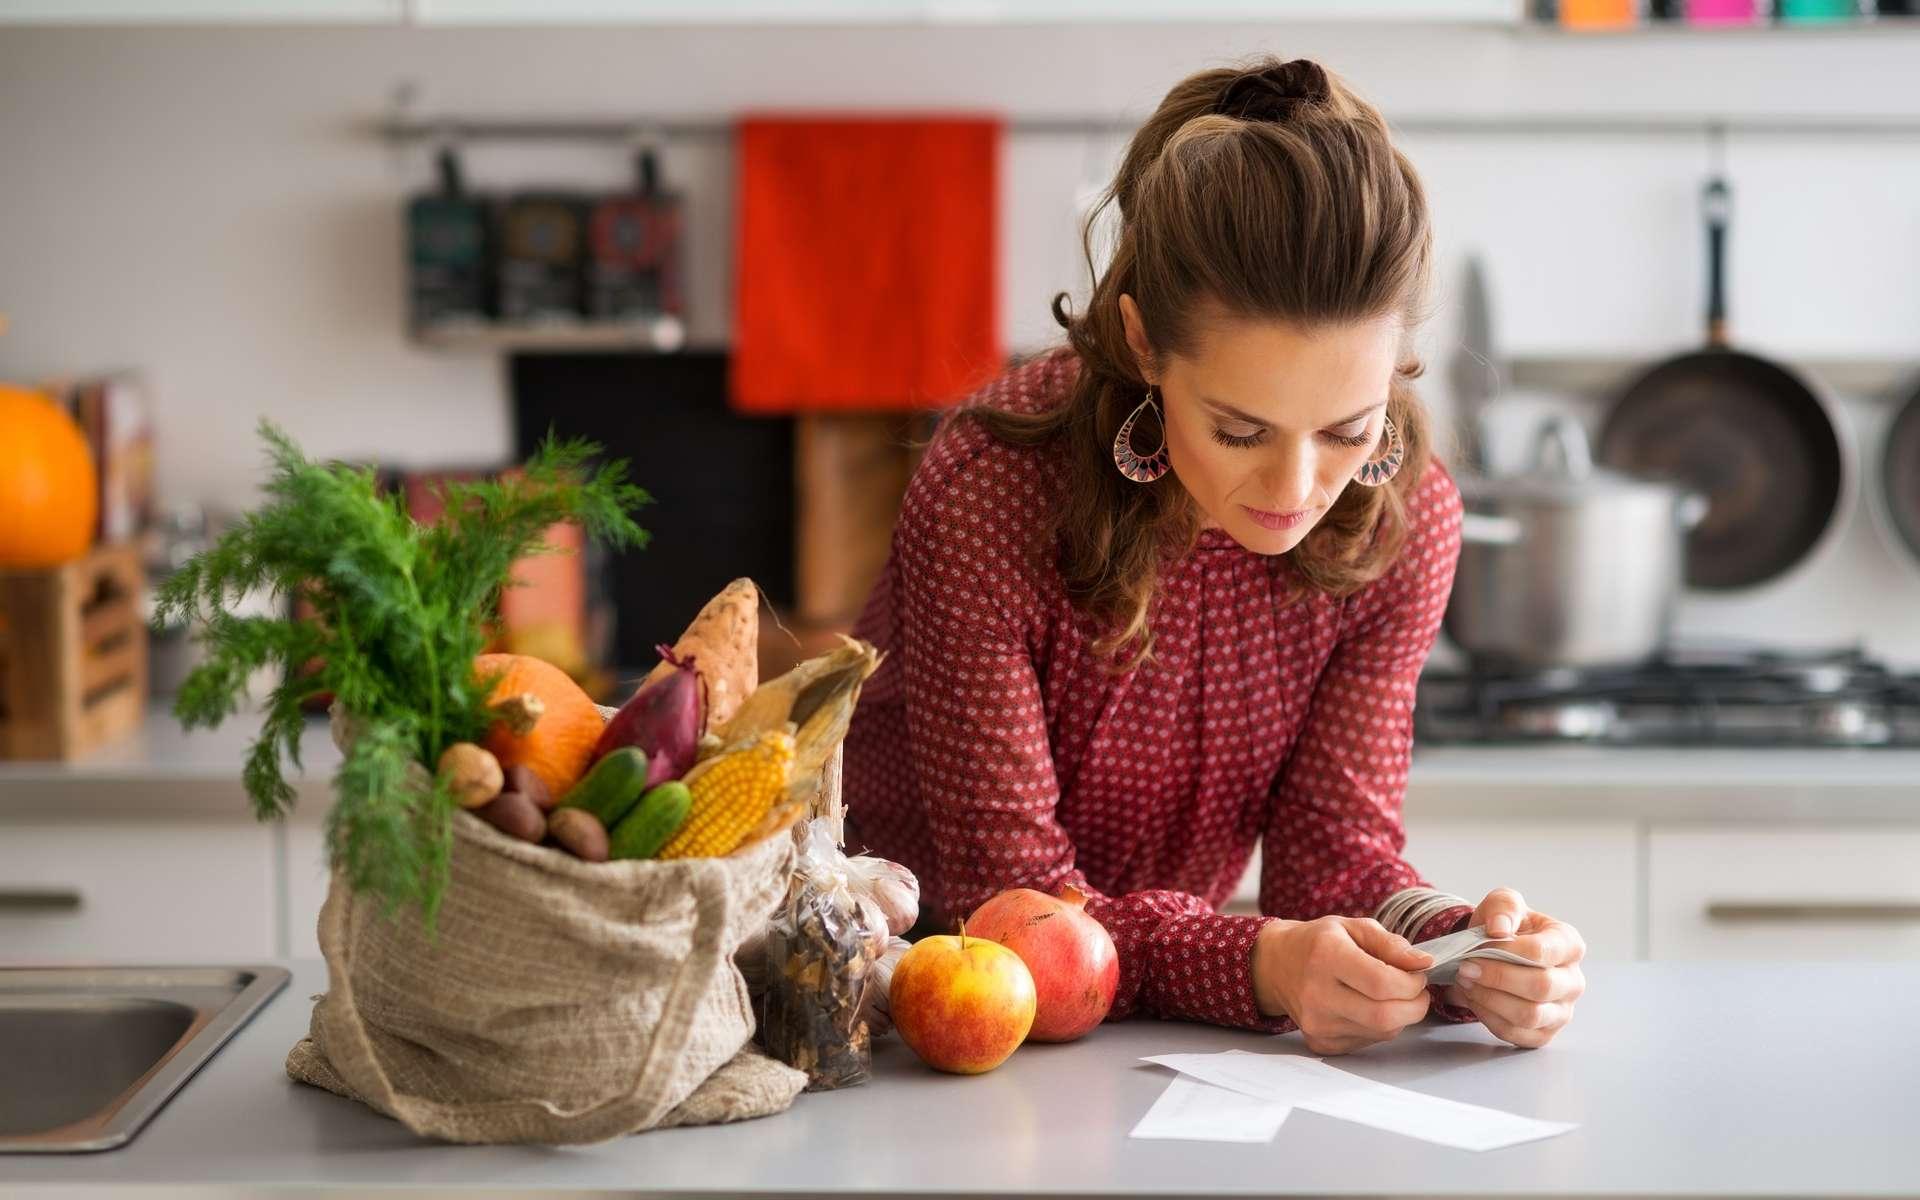 Gérer son budget alimentaire va permettre d'éviter de sauter des repas et de se faire plaisir avec des produits frais et de saison. © Alliance, Adobe Stock.